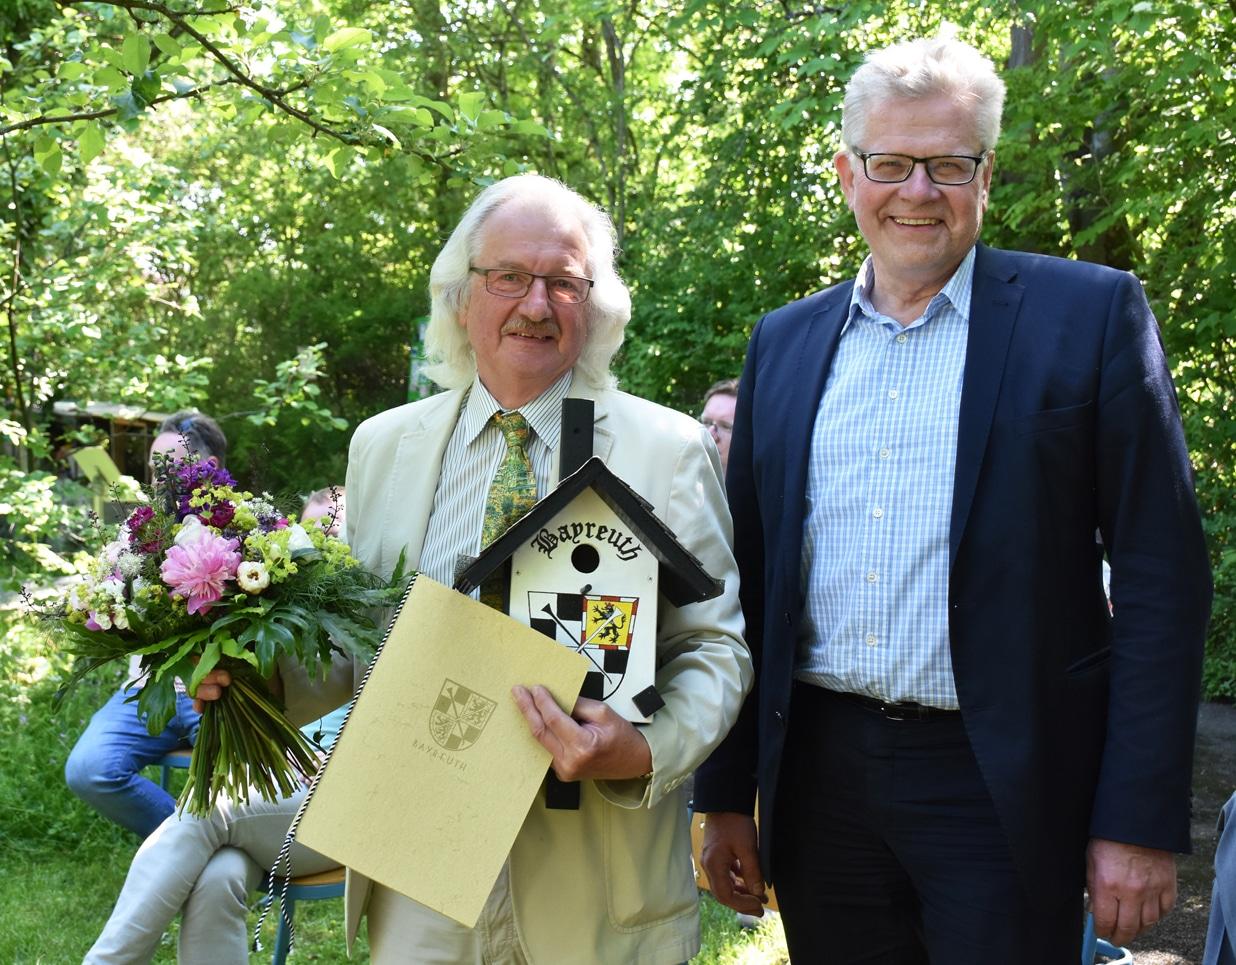 Winfried Schnorrer und Oberbürgermeister Ebersberger im Schulgarten des GMG.